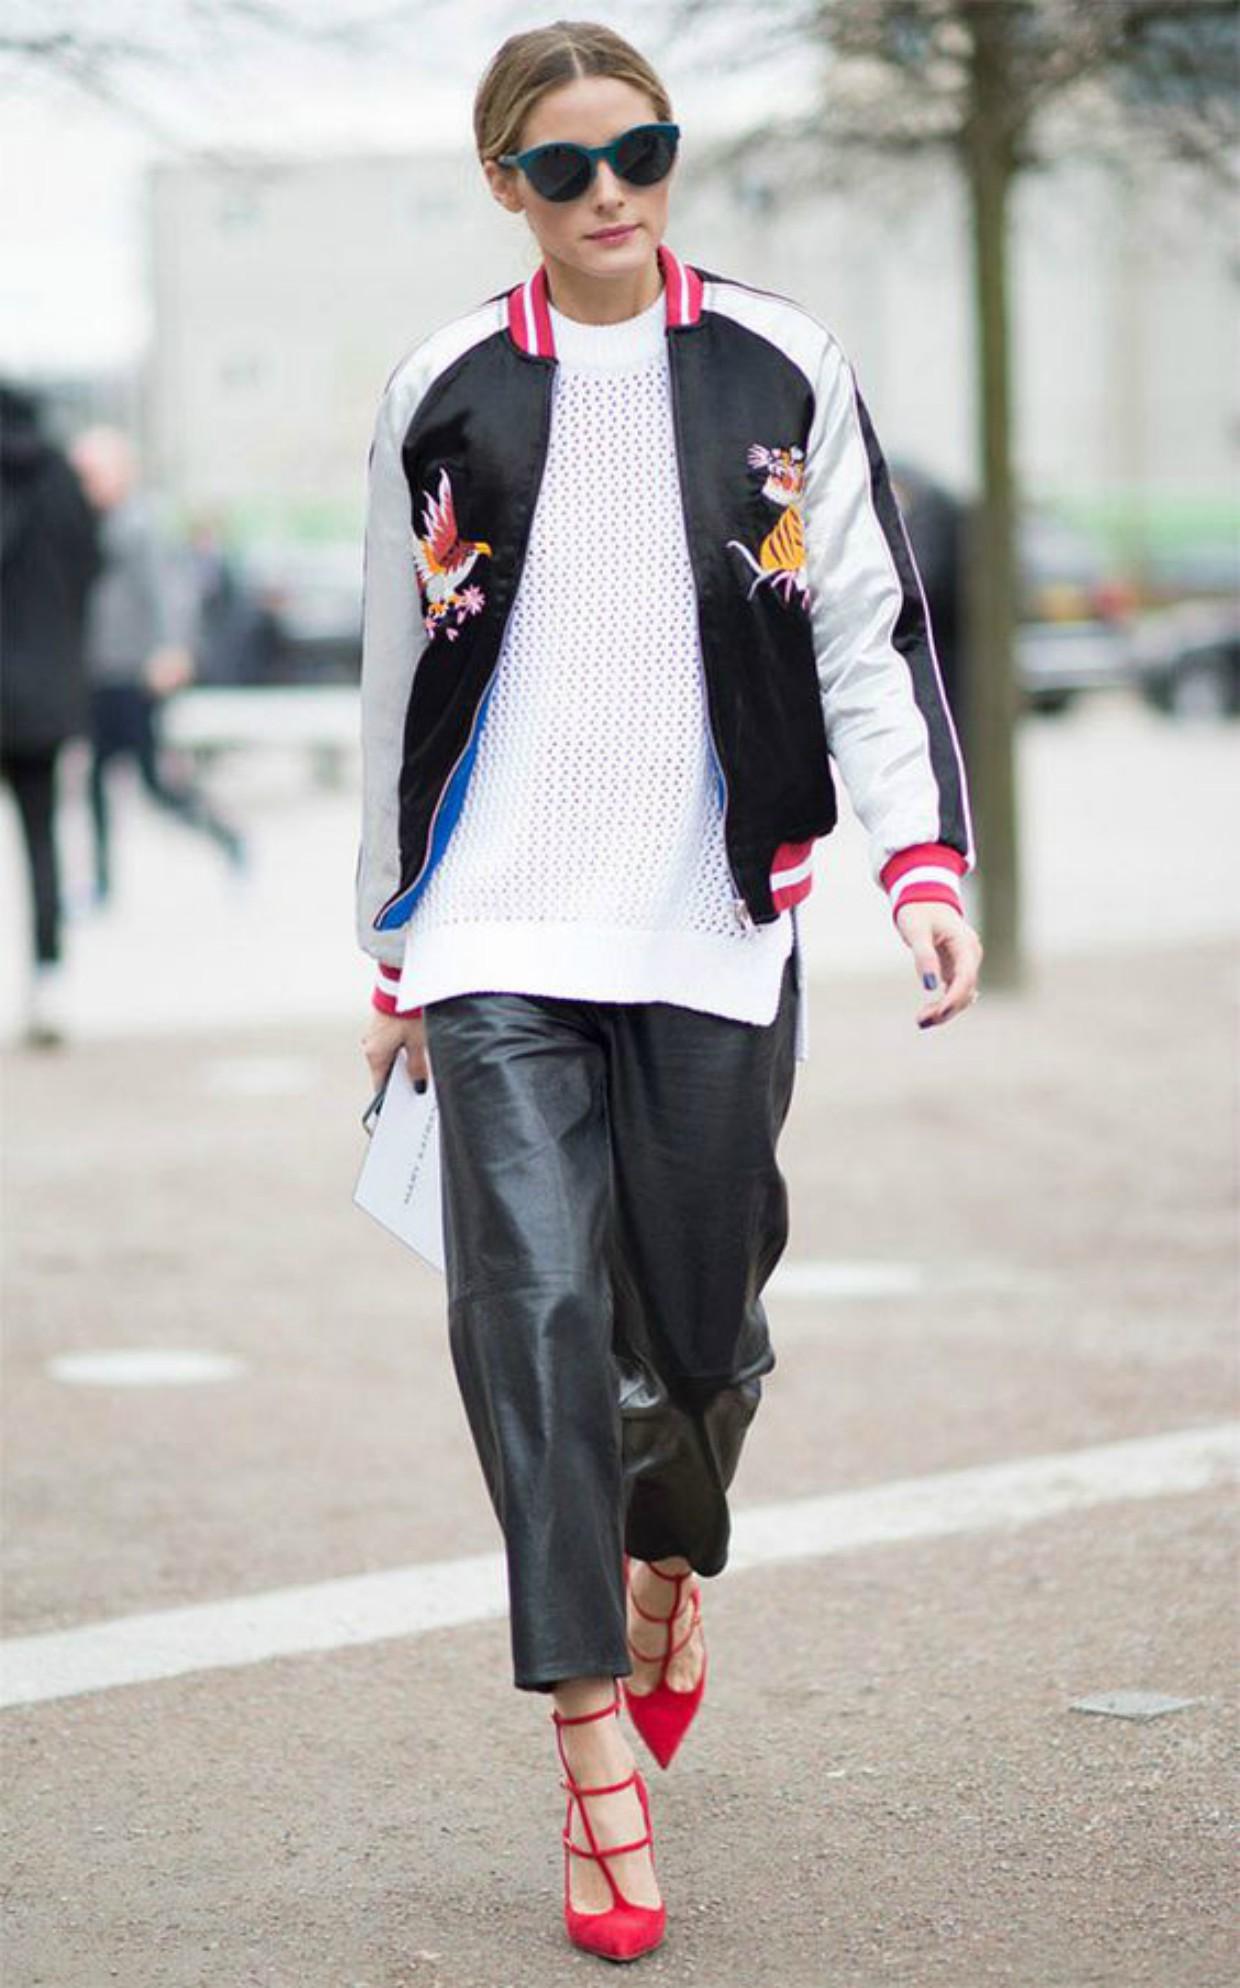 c469f4ce7 Holofote Fashion: A jaqueta bomber continua em alta, veja como usar